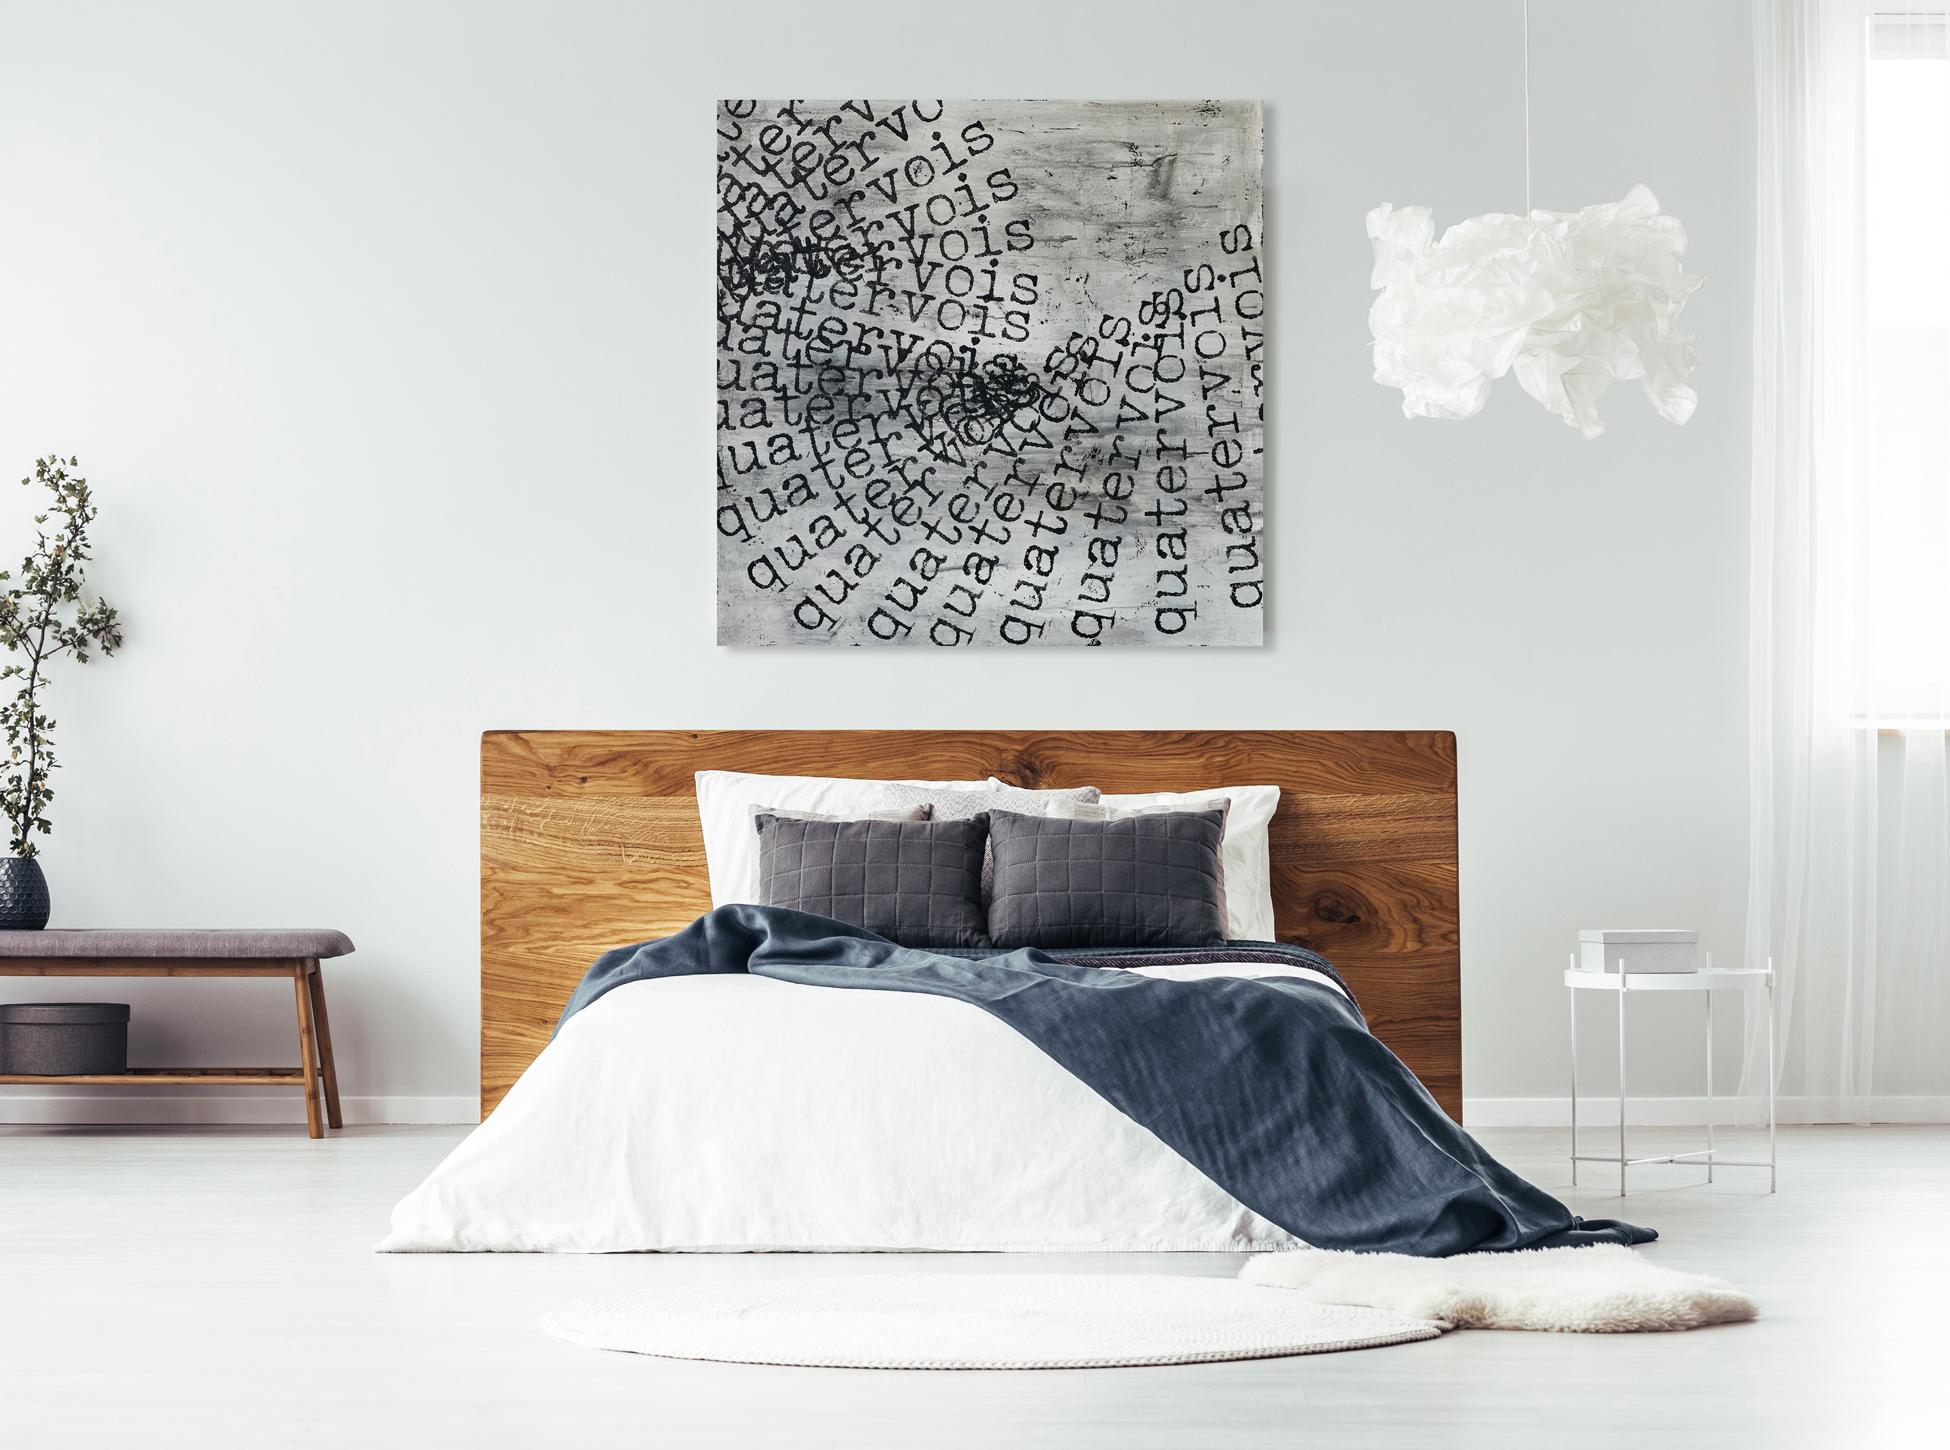 quat-bedroom.jpg